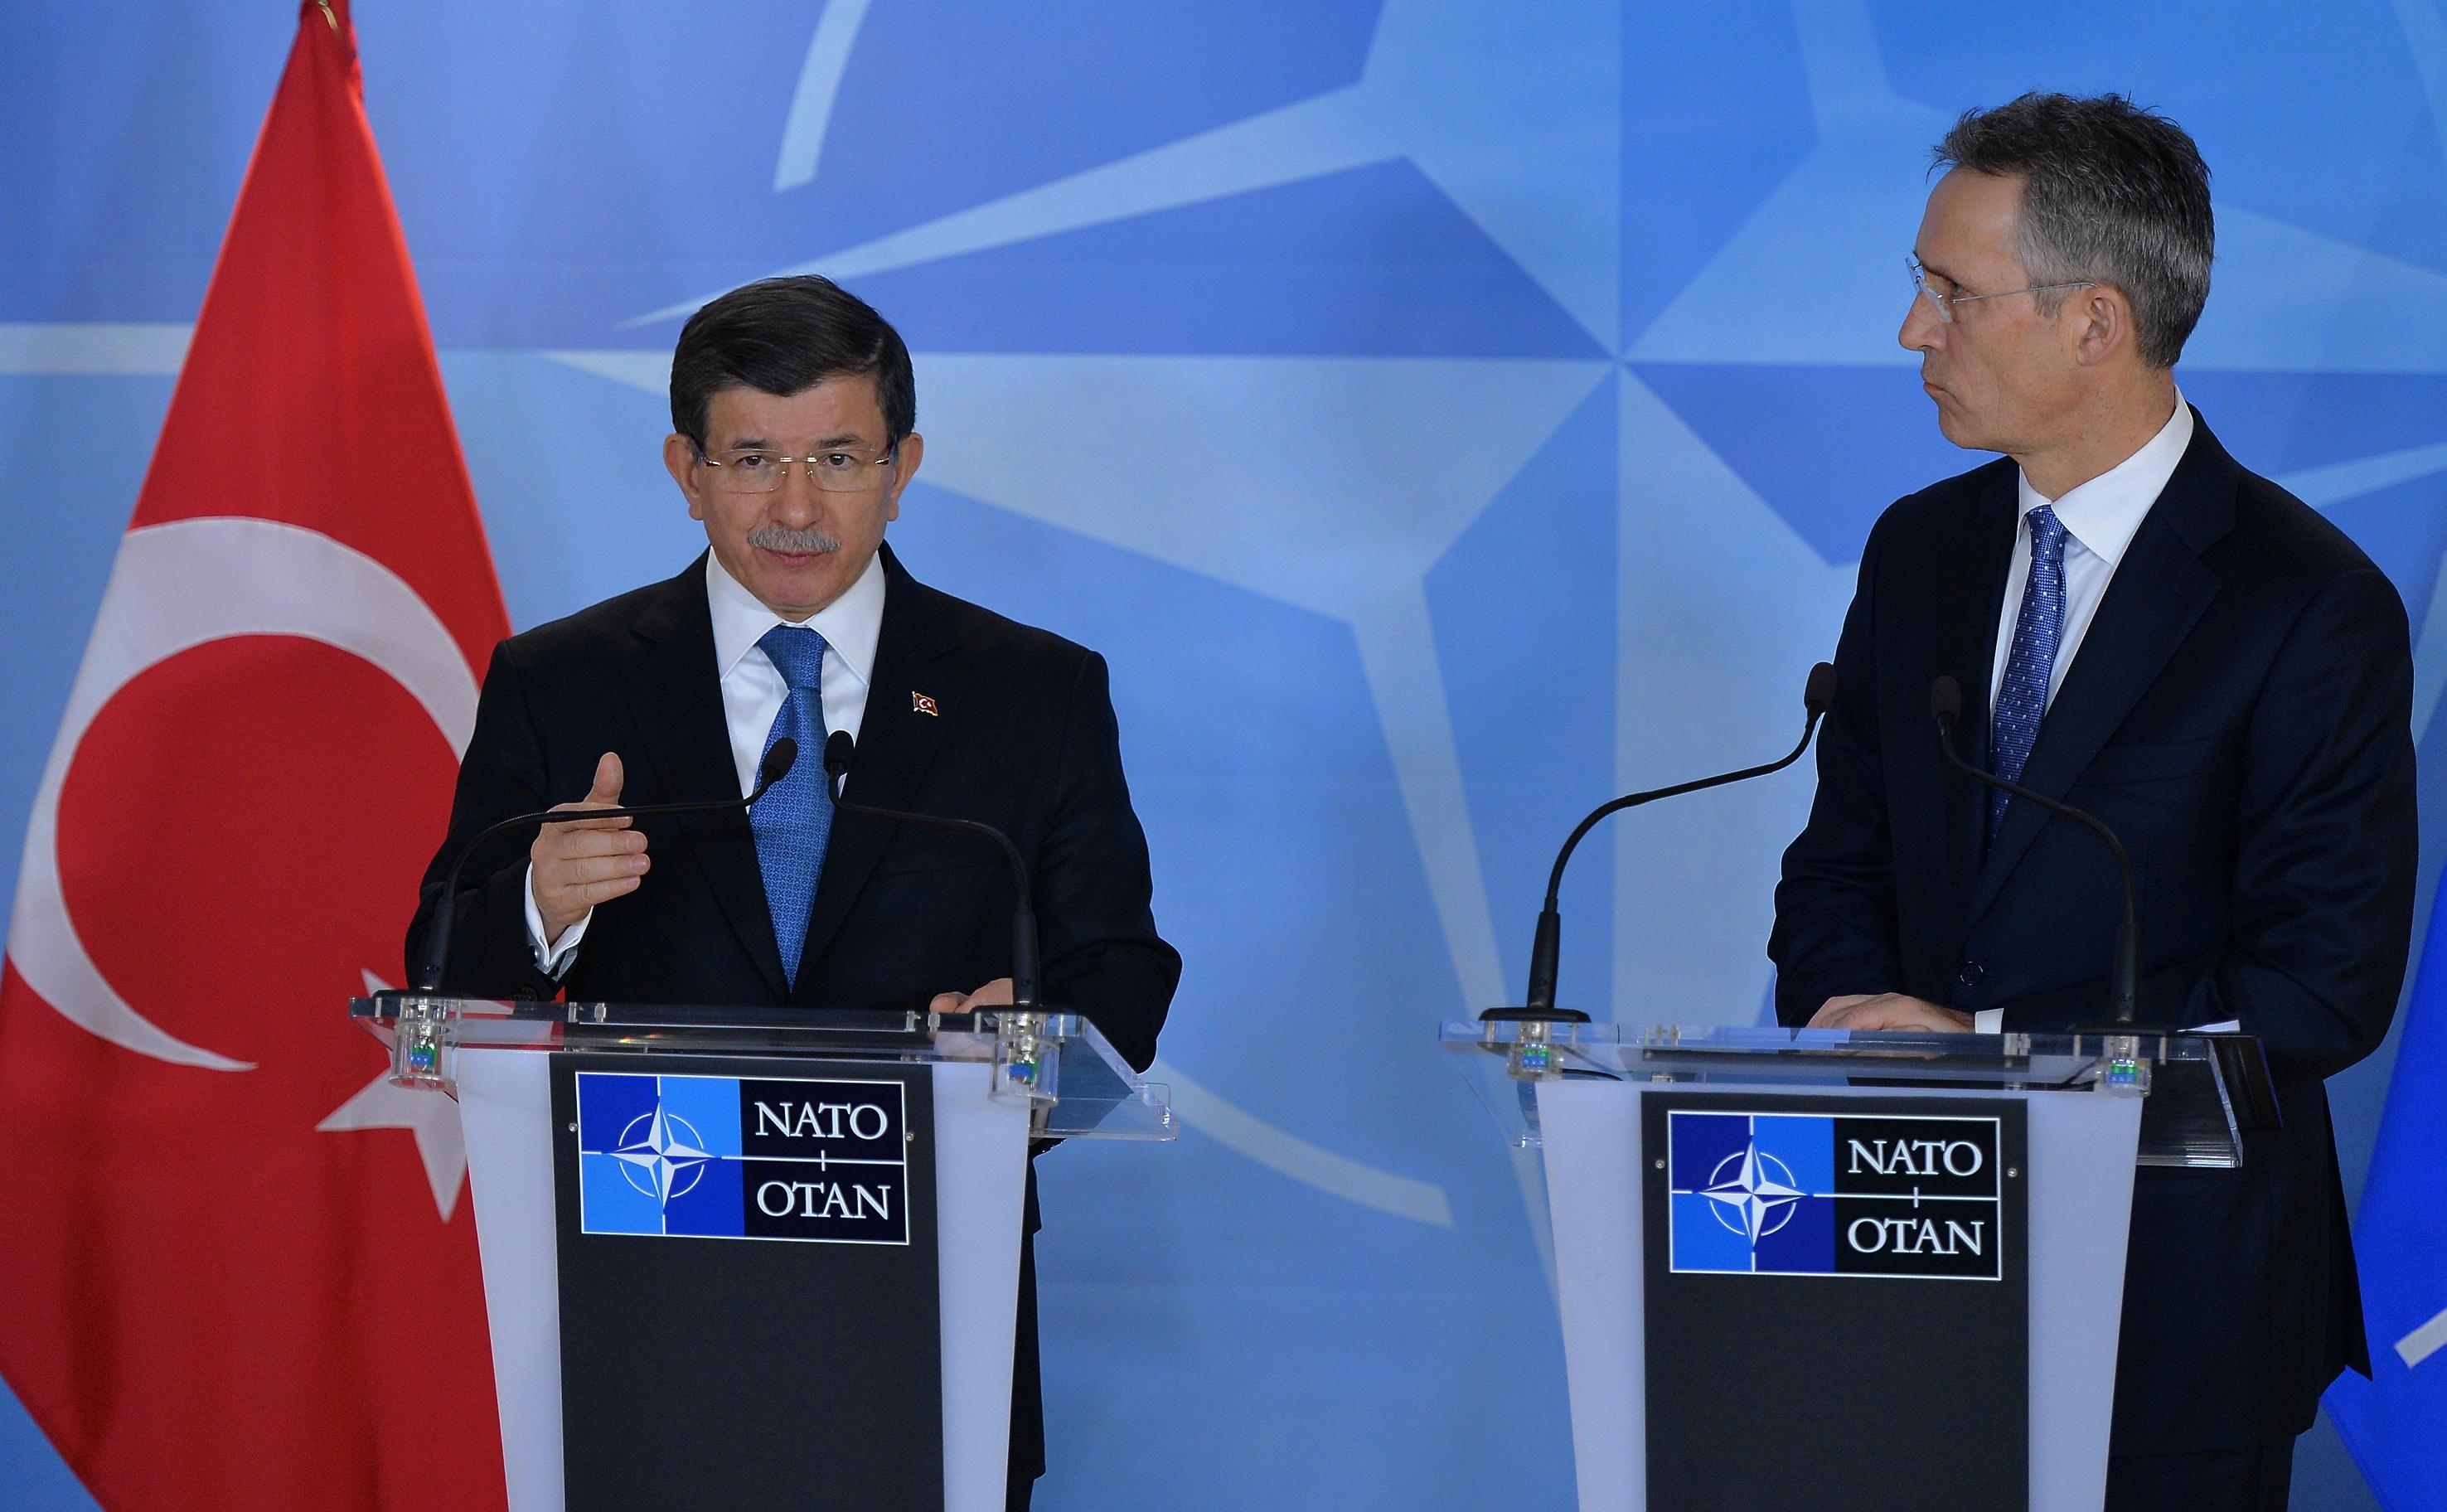 Η Τουρκία ζήτησε και πέτυχε την εξαίρεση των Δωδεκανήσων από θέατρο επιχειρήσεων της νατοϊκής αποστολής, επιτρέποντας της να διατηρεί το επιχείρημα περί γκρίζων ζωνών στη περιοχή.